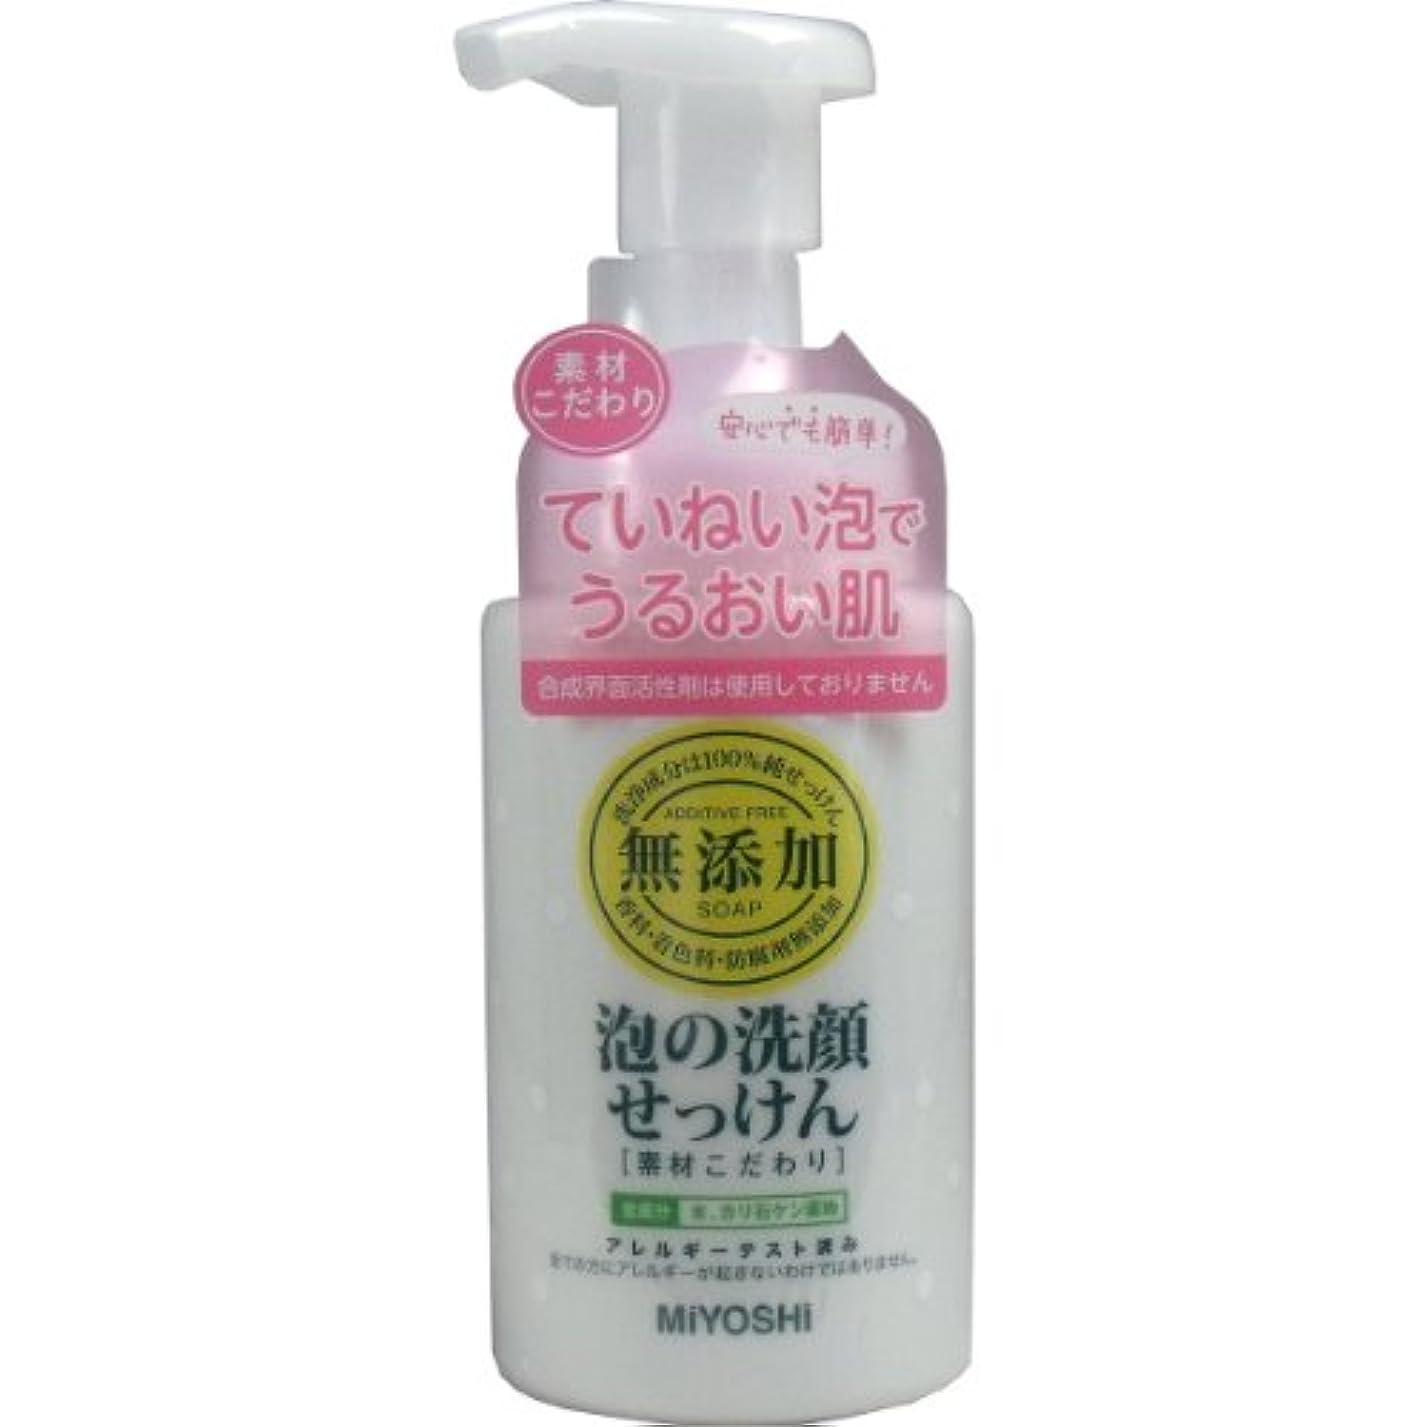 政令透過性傾向がある【ミヨシ石鹸】無添加 泡の洗顔せっけん 200ml ×3個セット